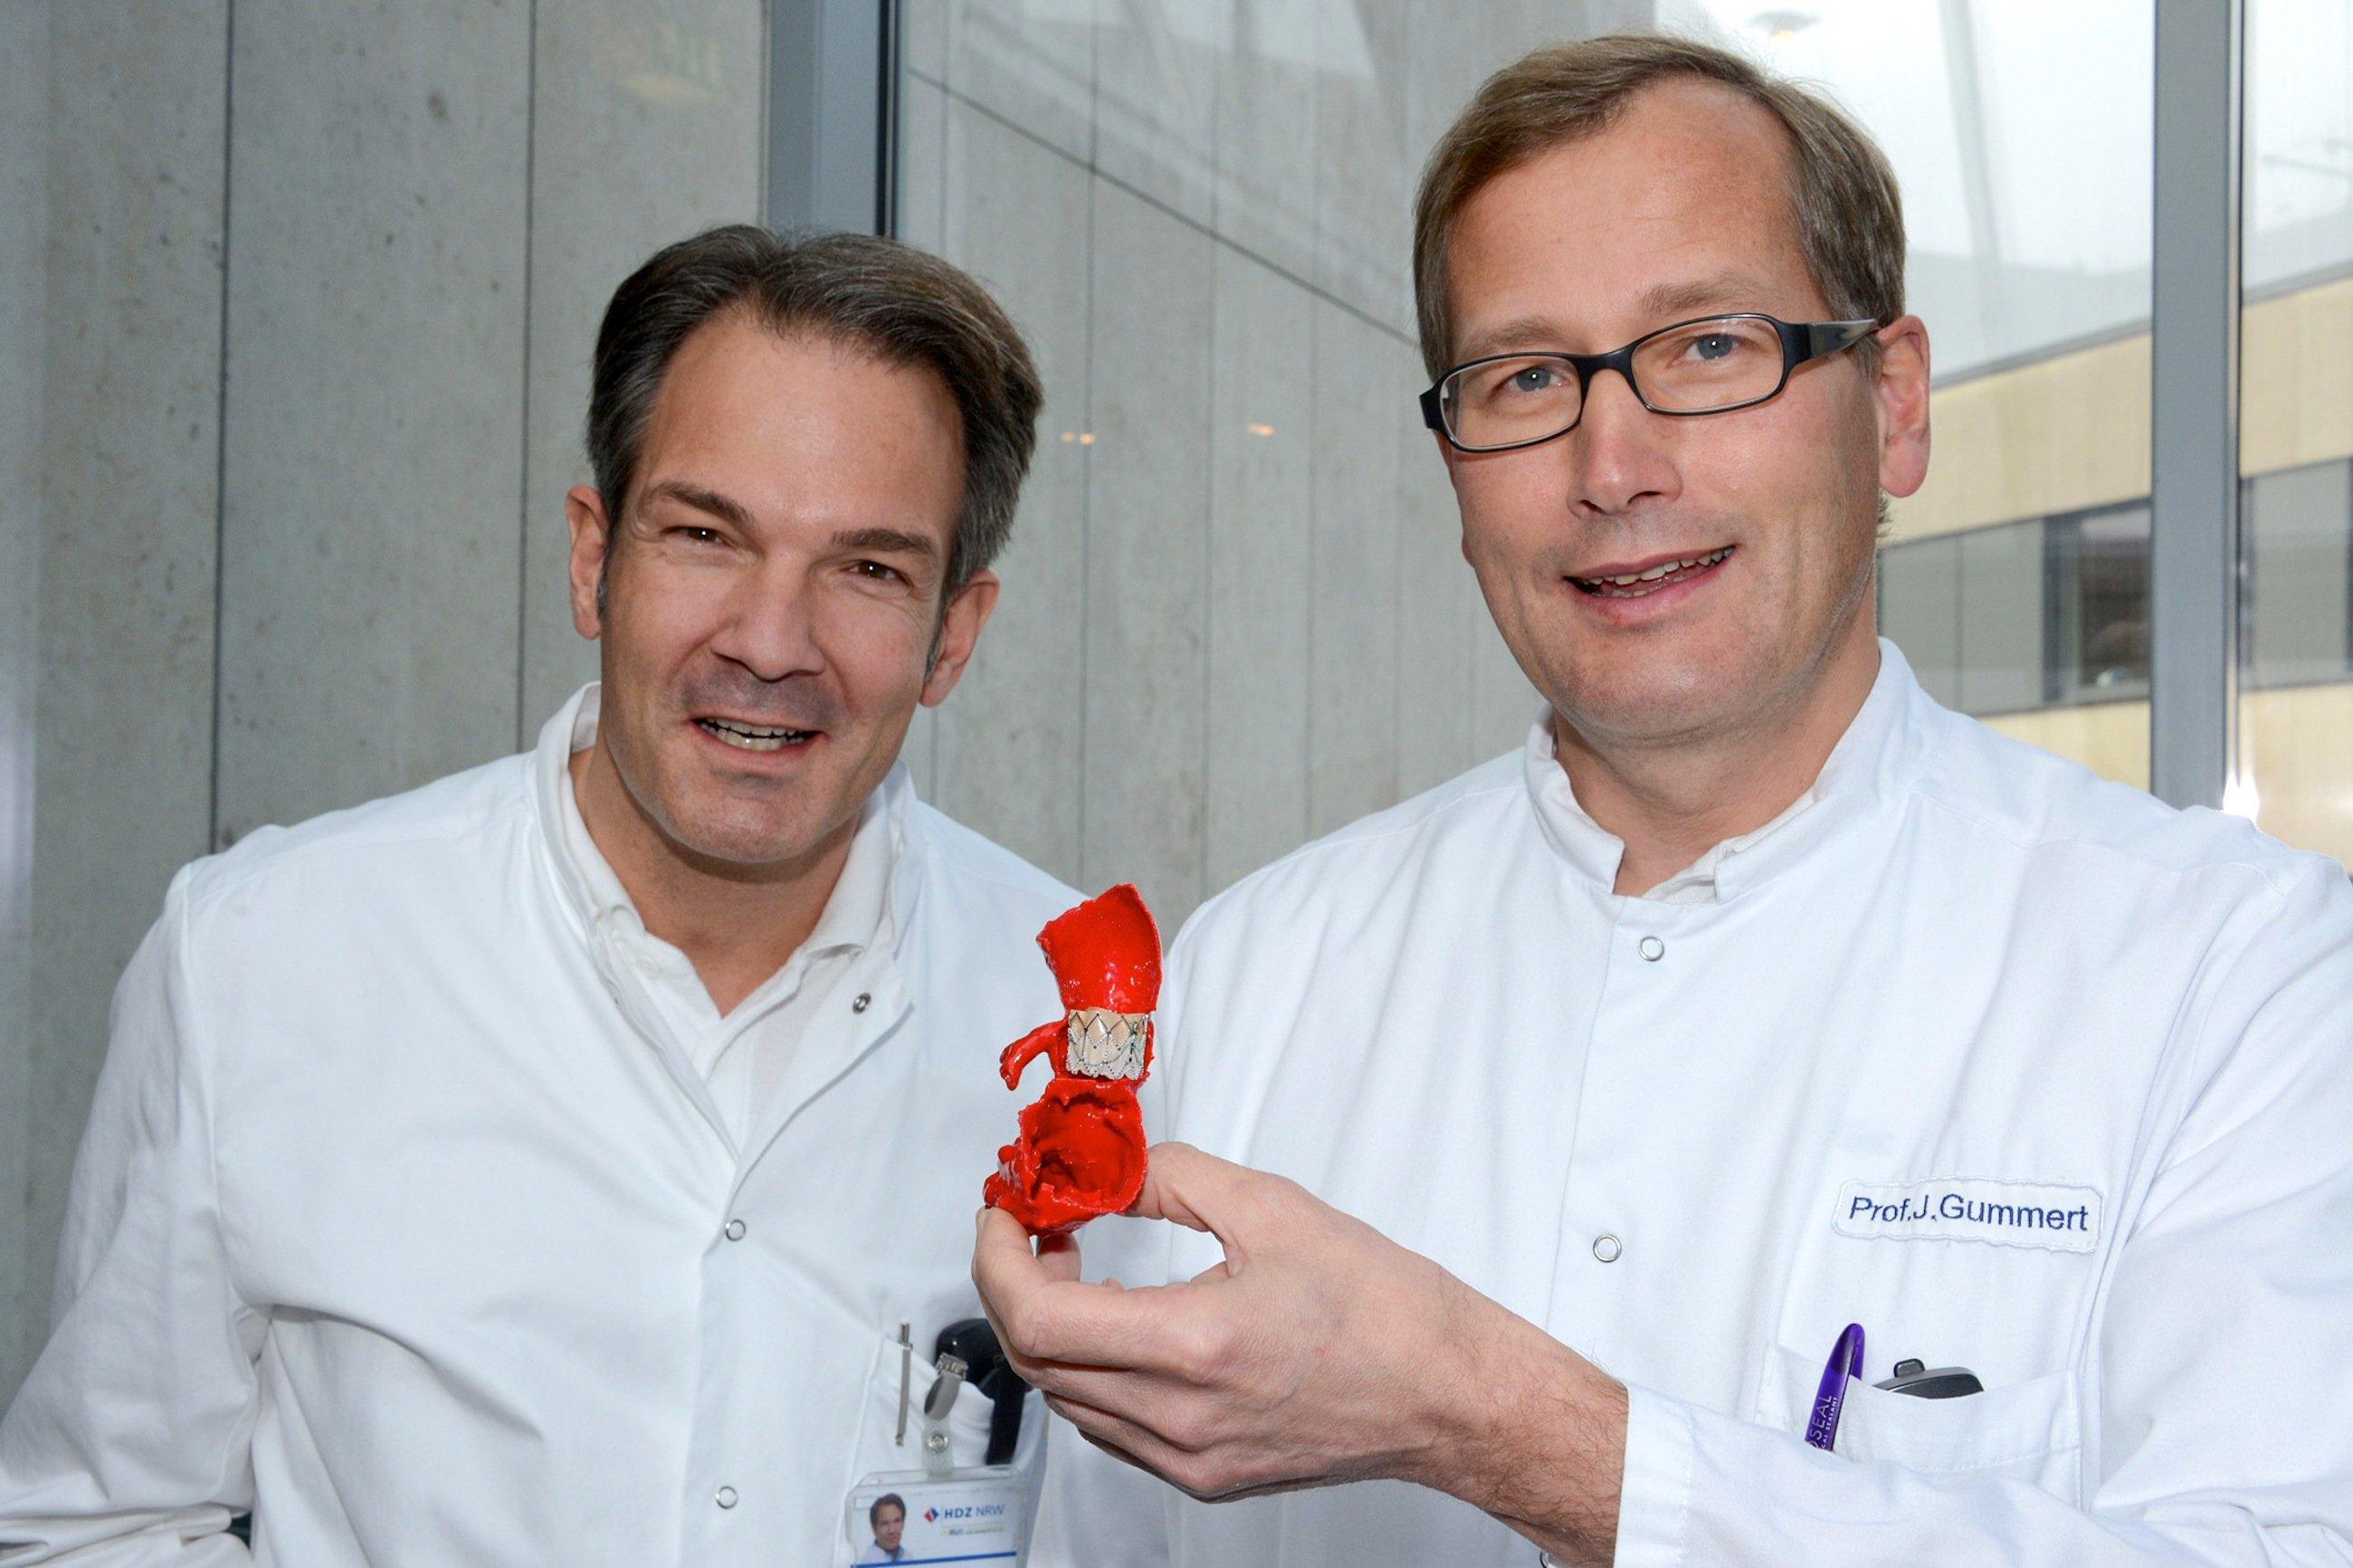 Prof. Jan Gummert (r.) und Prof. Stephan Ensminger von der Herzklinik in Bad Oeynhausen mit dem 3D-Modell des Patientenherzens. Dadurch konnten sie erproben, welche Herzklappe am besten passt und per Katheder am schlagenden Herzen eingesetzt werden kann.